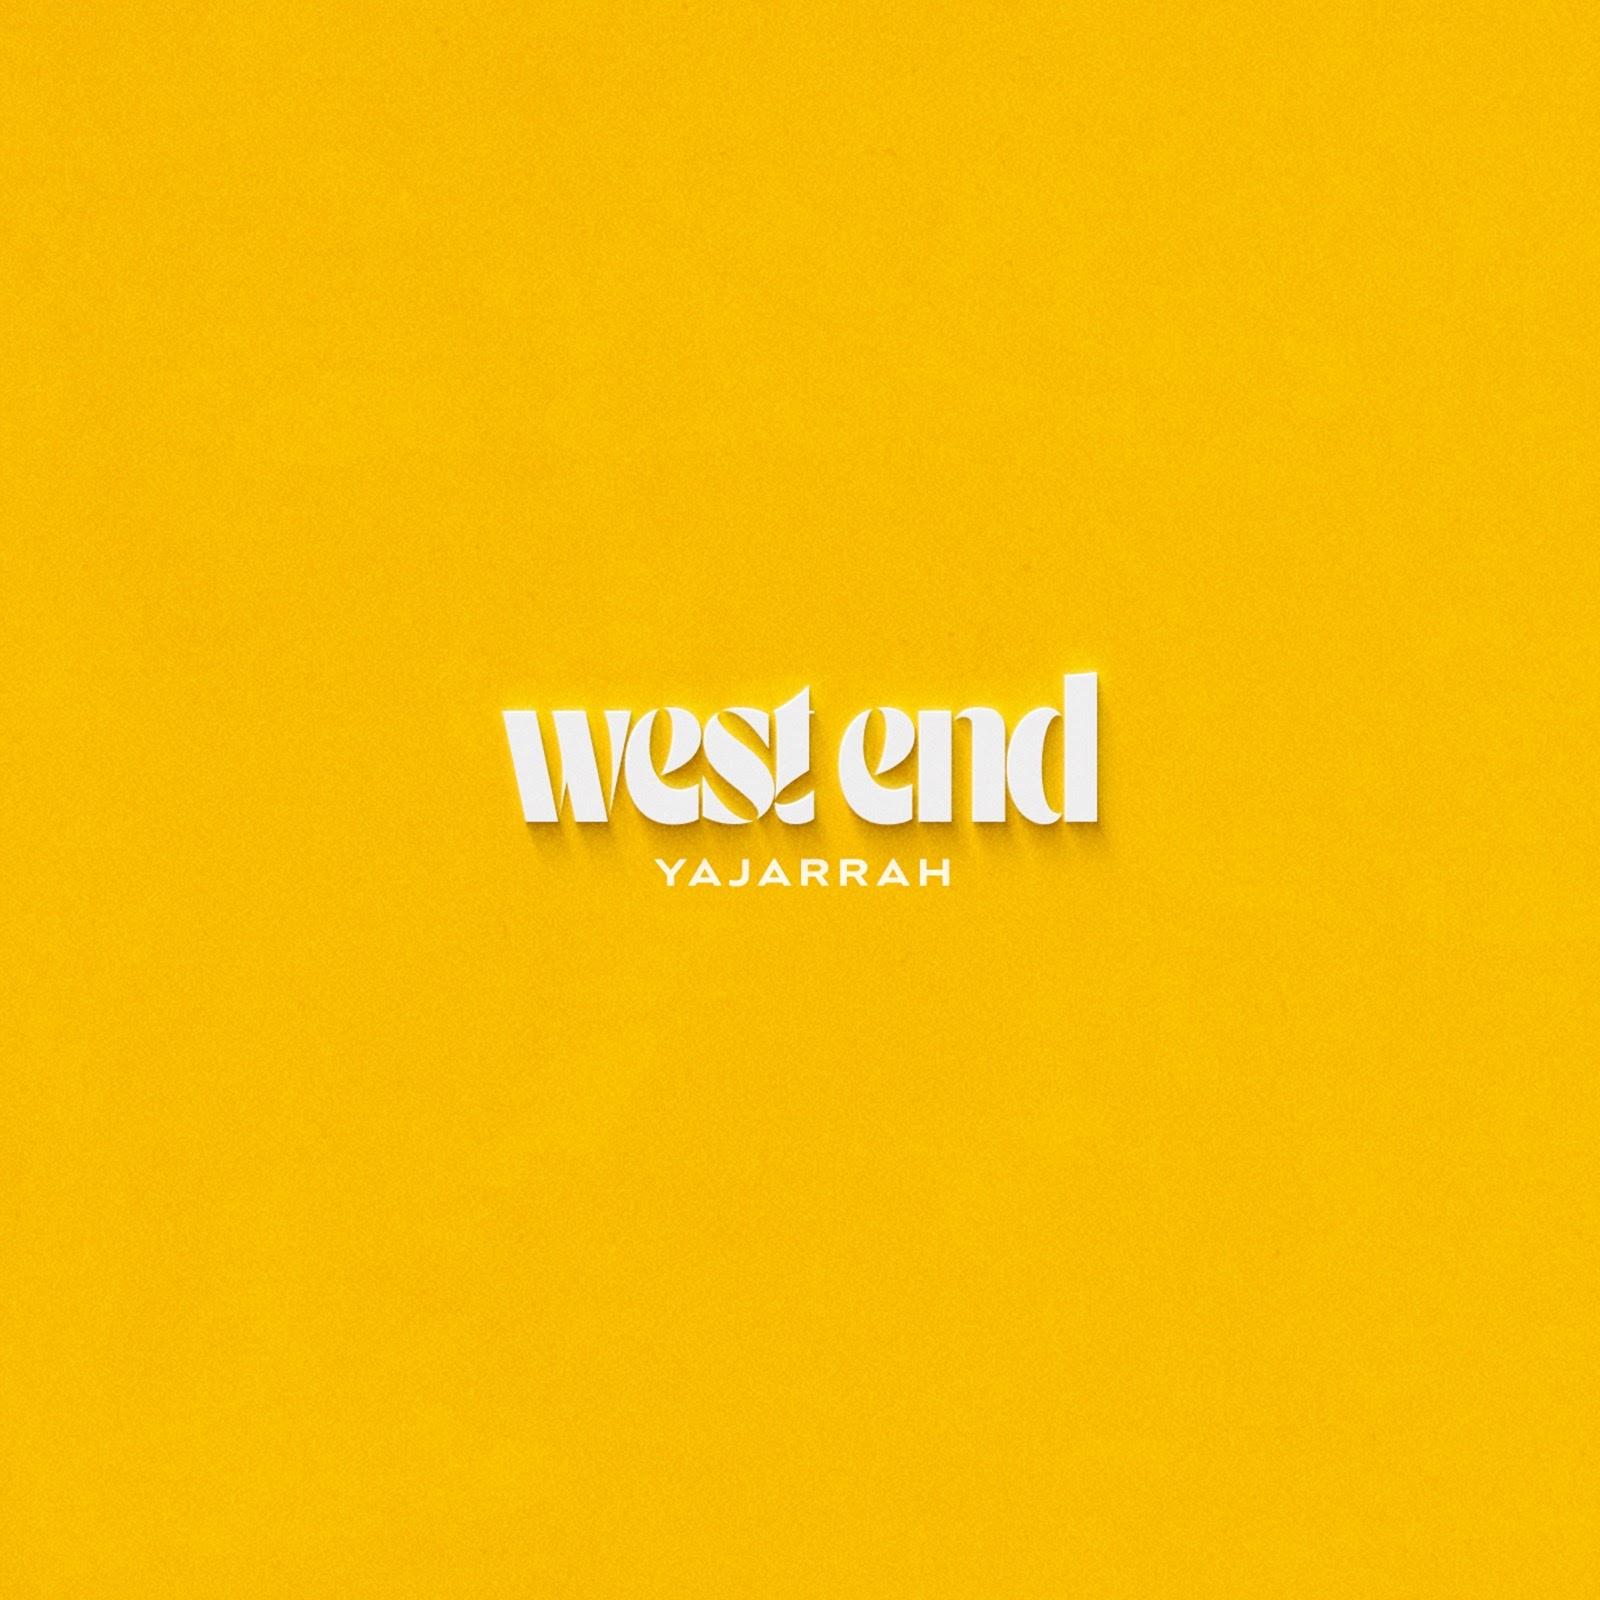 """Yajarrah """"West End"""""""